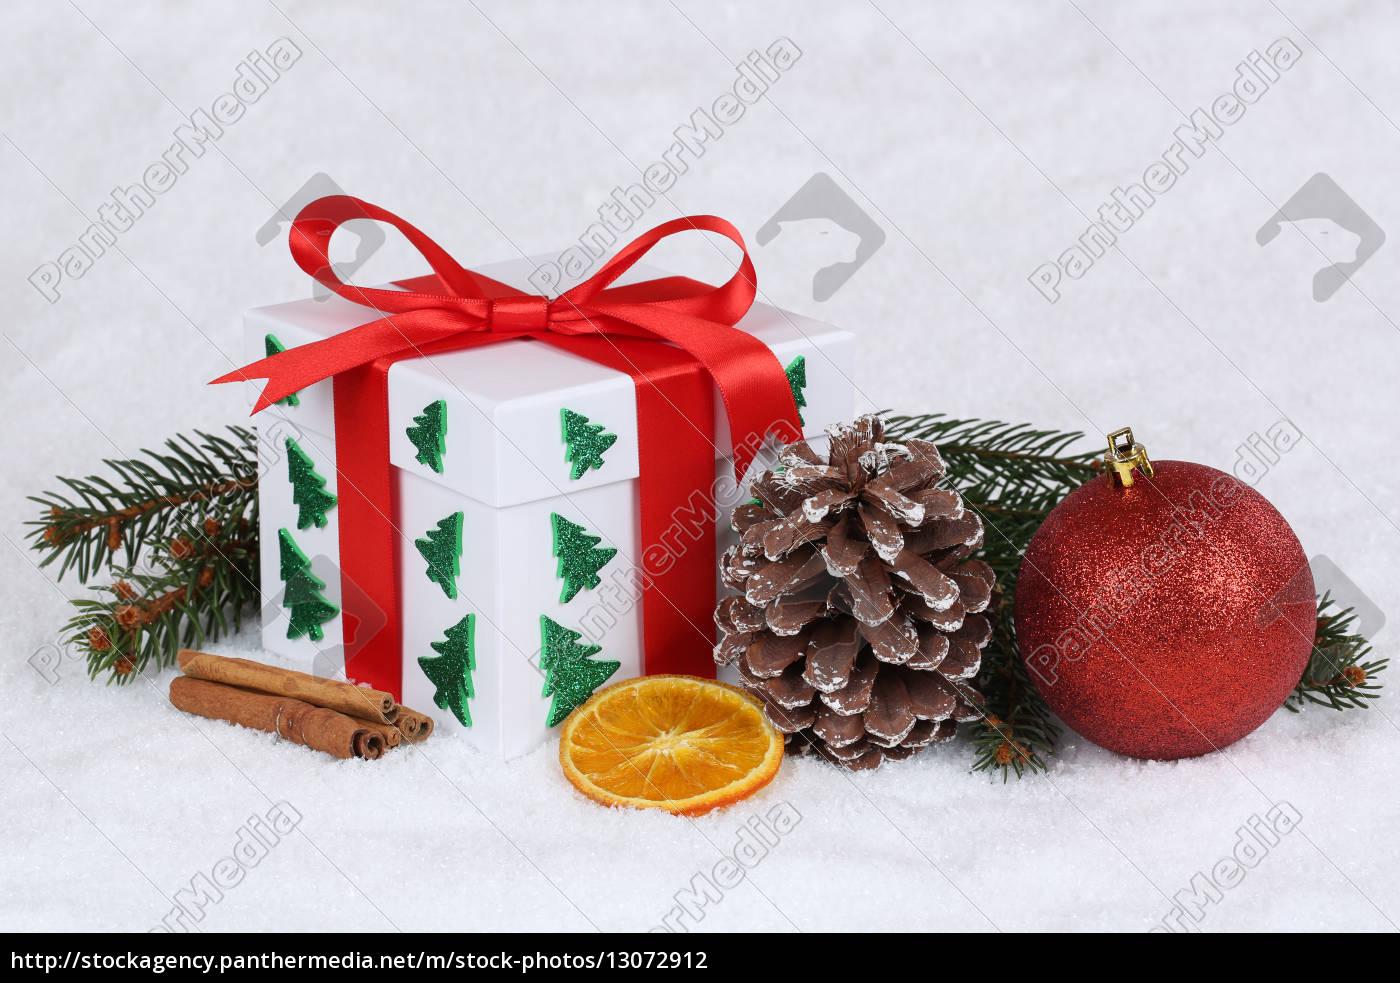 bescherung, geschenk, an, weihnachten, mit, schnee - 13072912